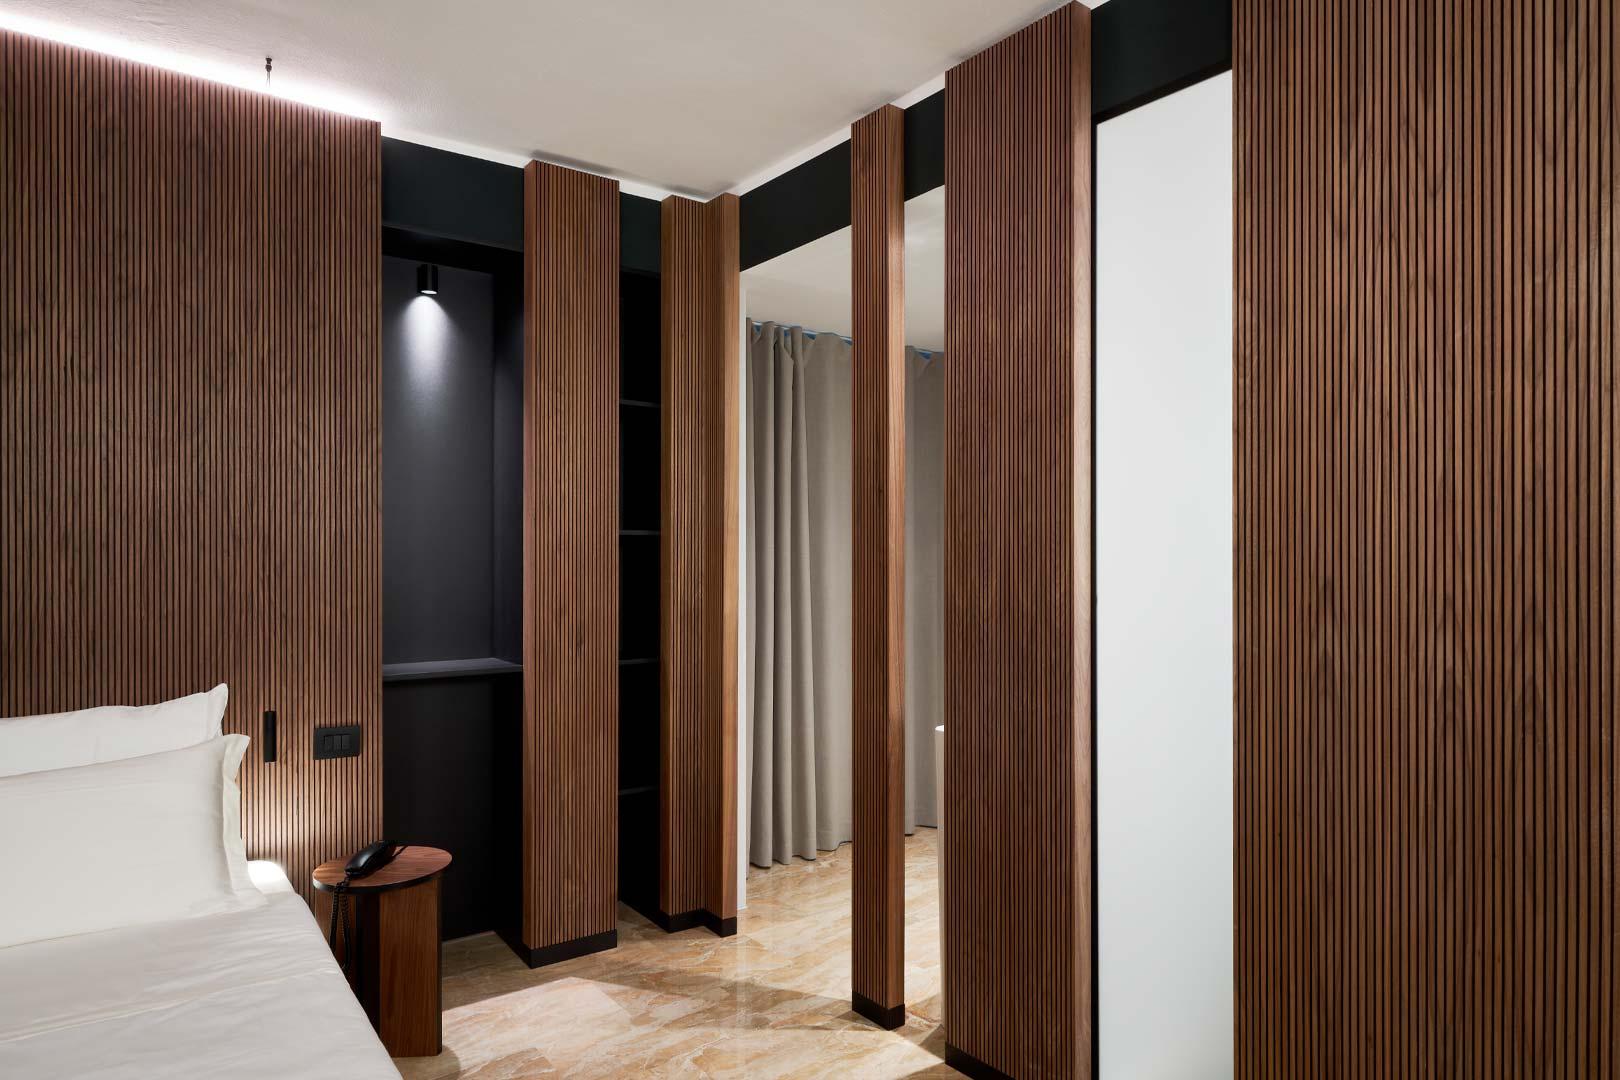 arredoluce-progettazione-illuminotecnica-realizzazioni-hotel-sirmione-3